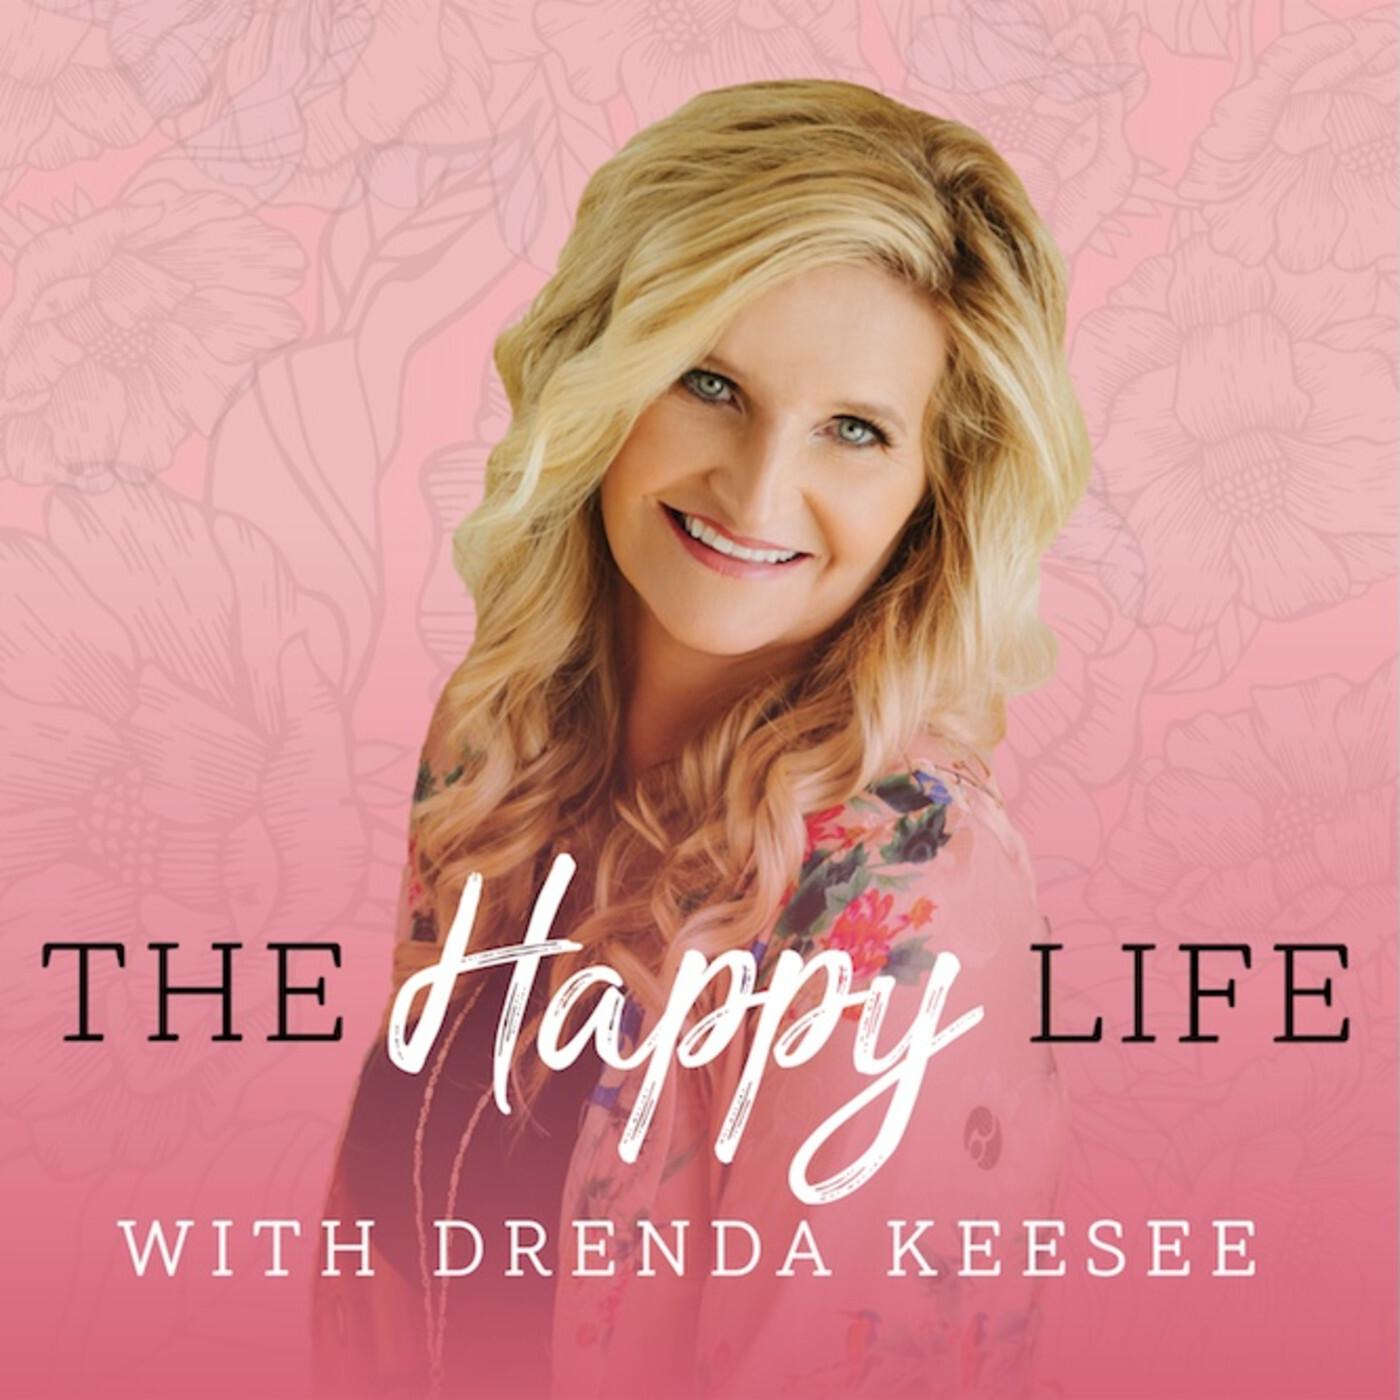 The Year Of Urgency Pt. 1 Drenda Keesee